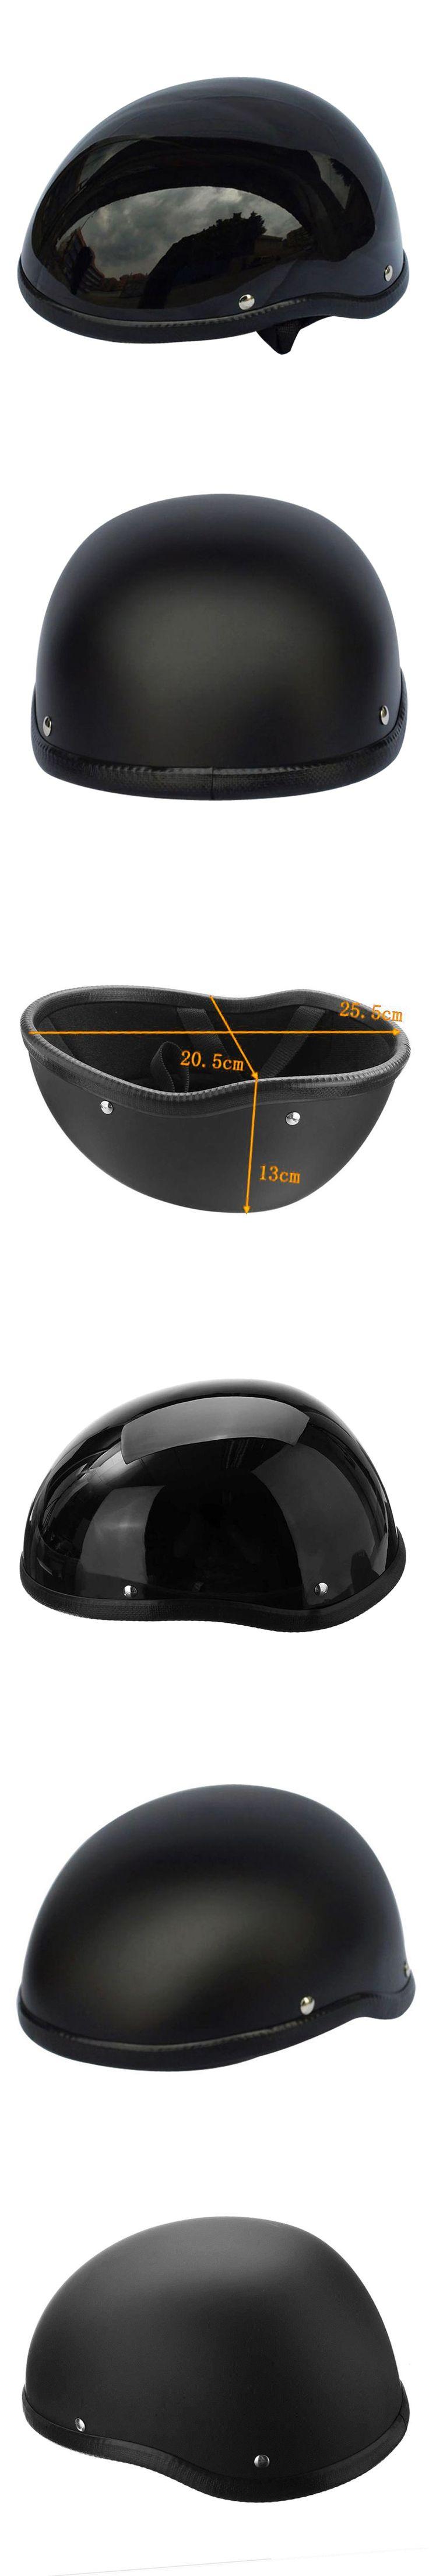 Half Helmet 57 62cm For Skate Bicycle Motorcycle Skateboard Helm Motorcross Capacete Retro Matte Black